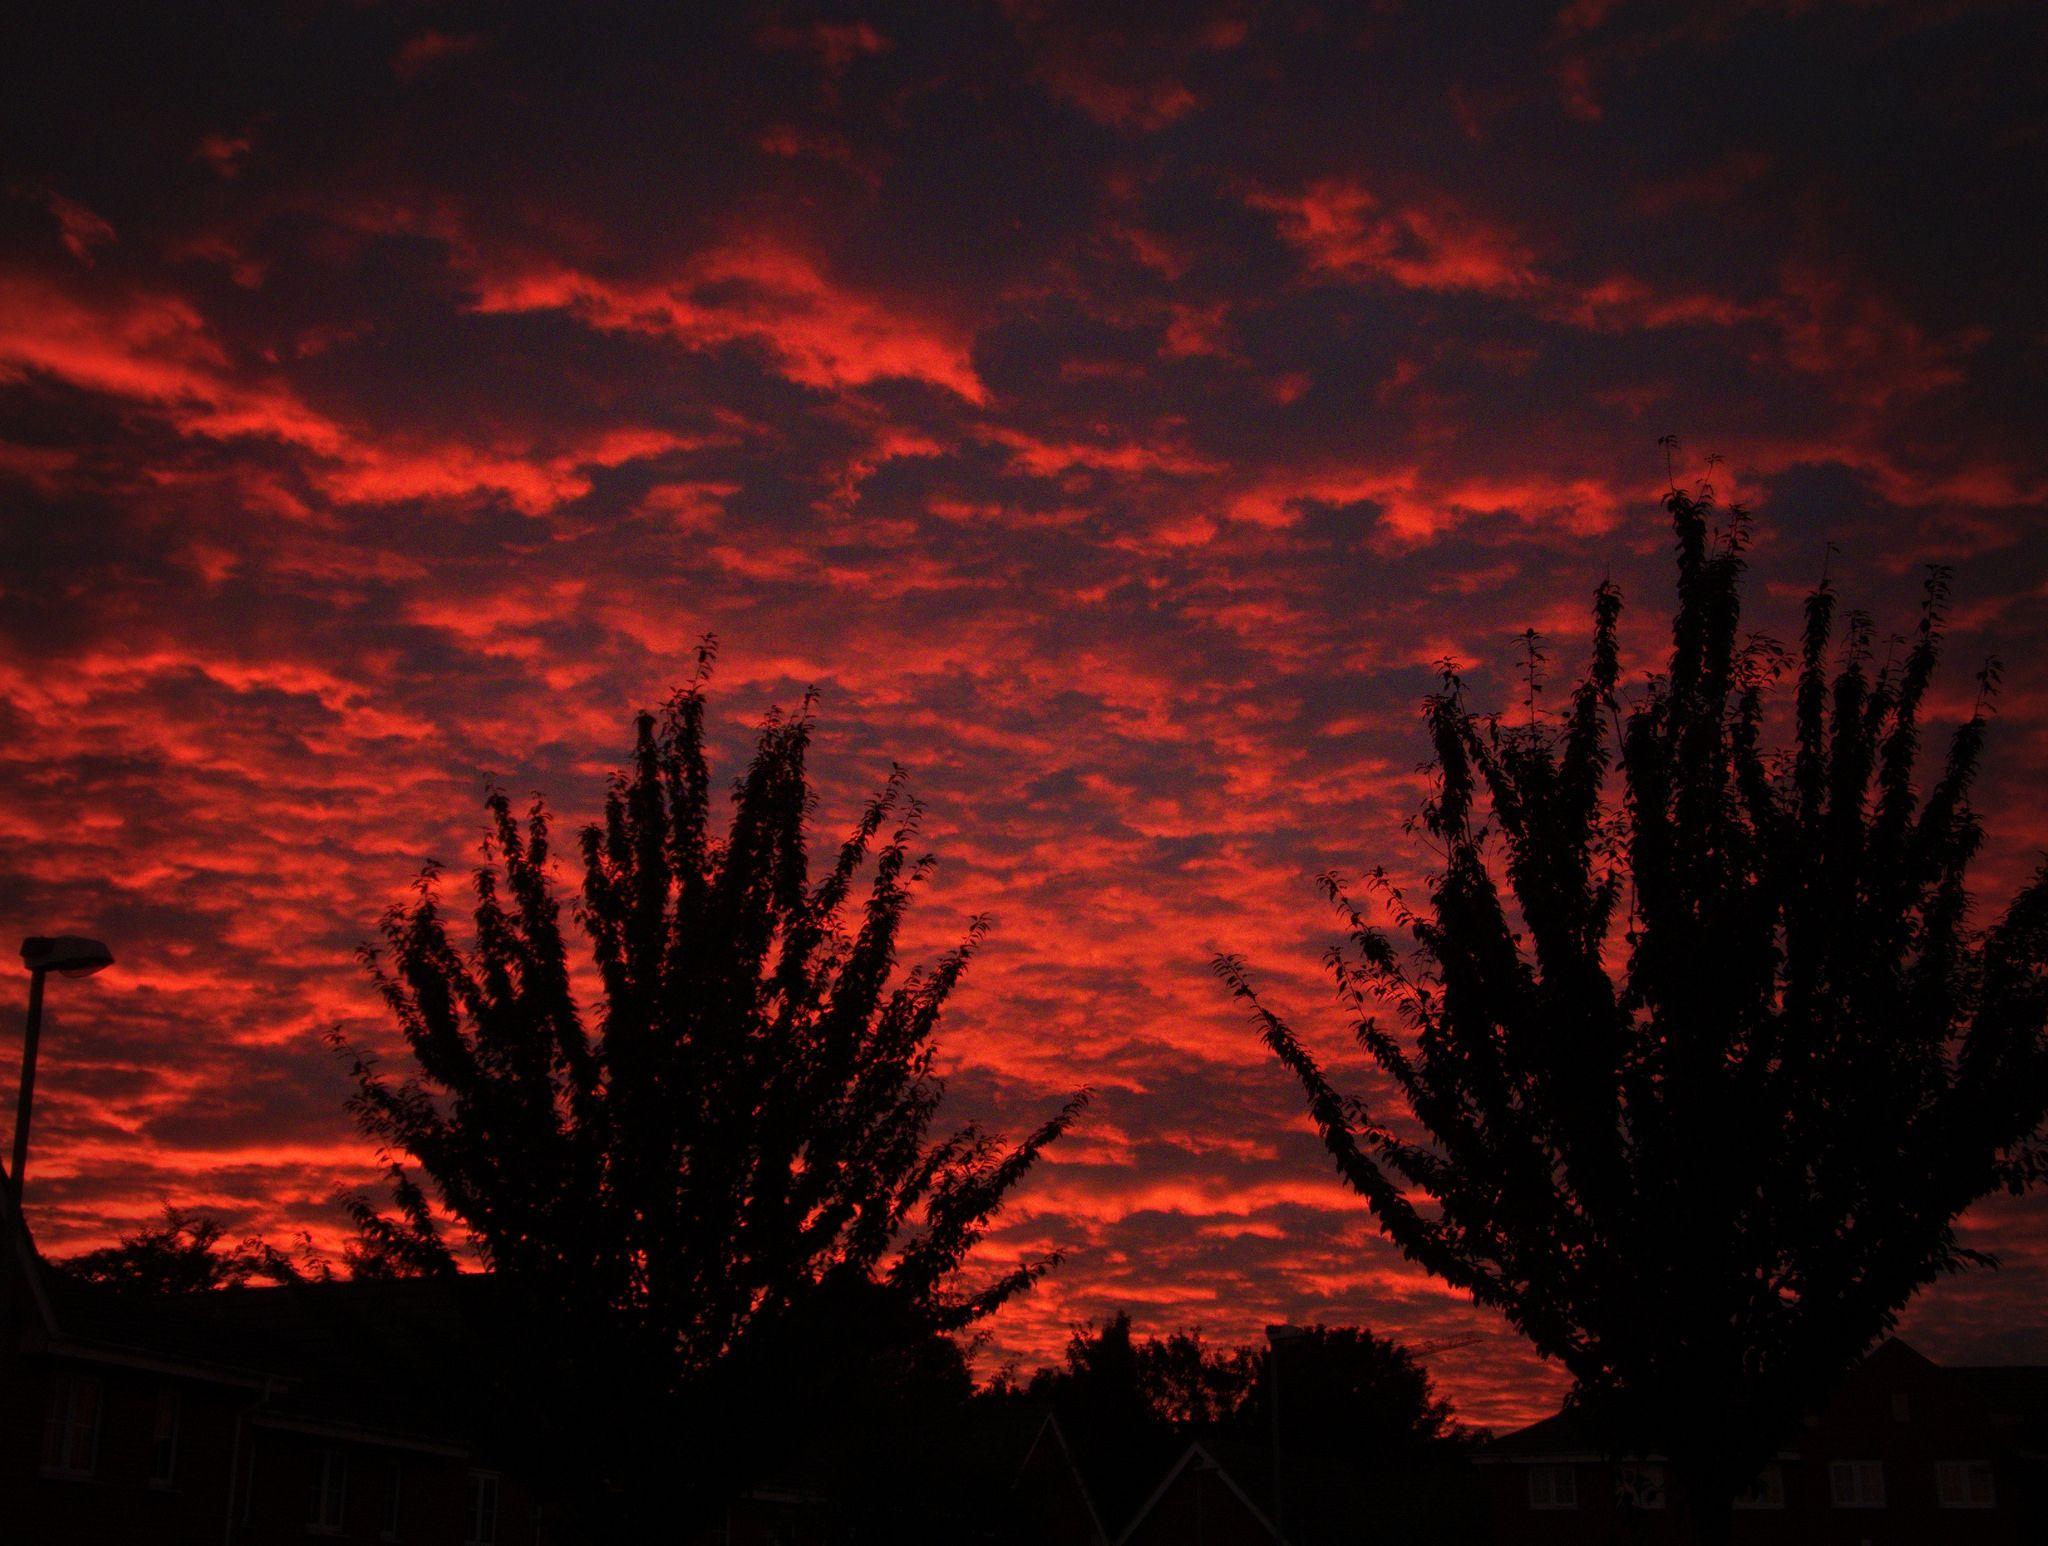 https://flic.kr/p/Mdq7J1 | RED SKY AT NIGHT 4 | Night Sky over Erdington